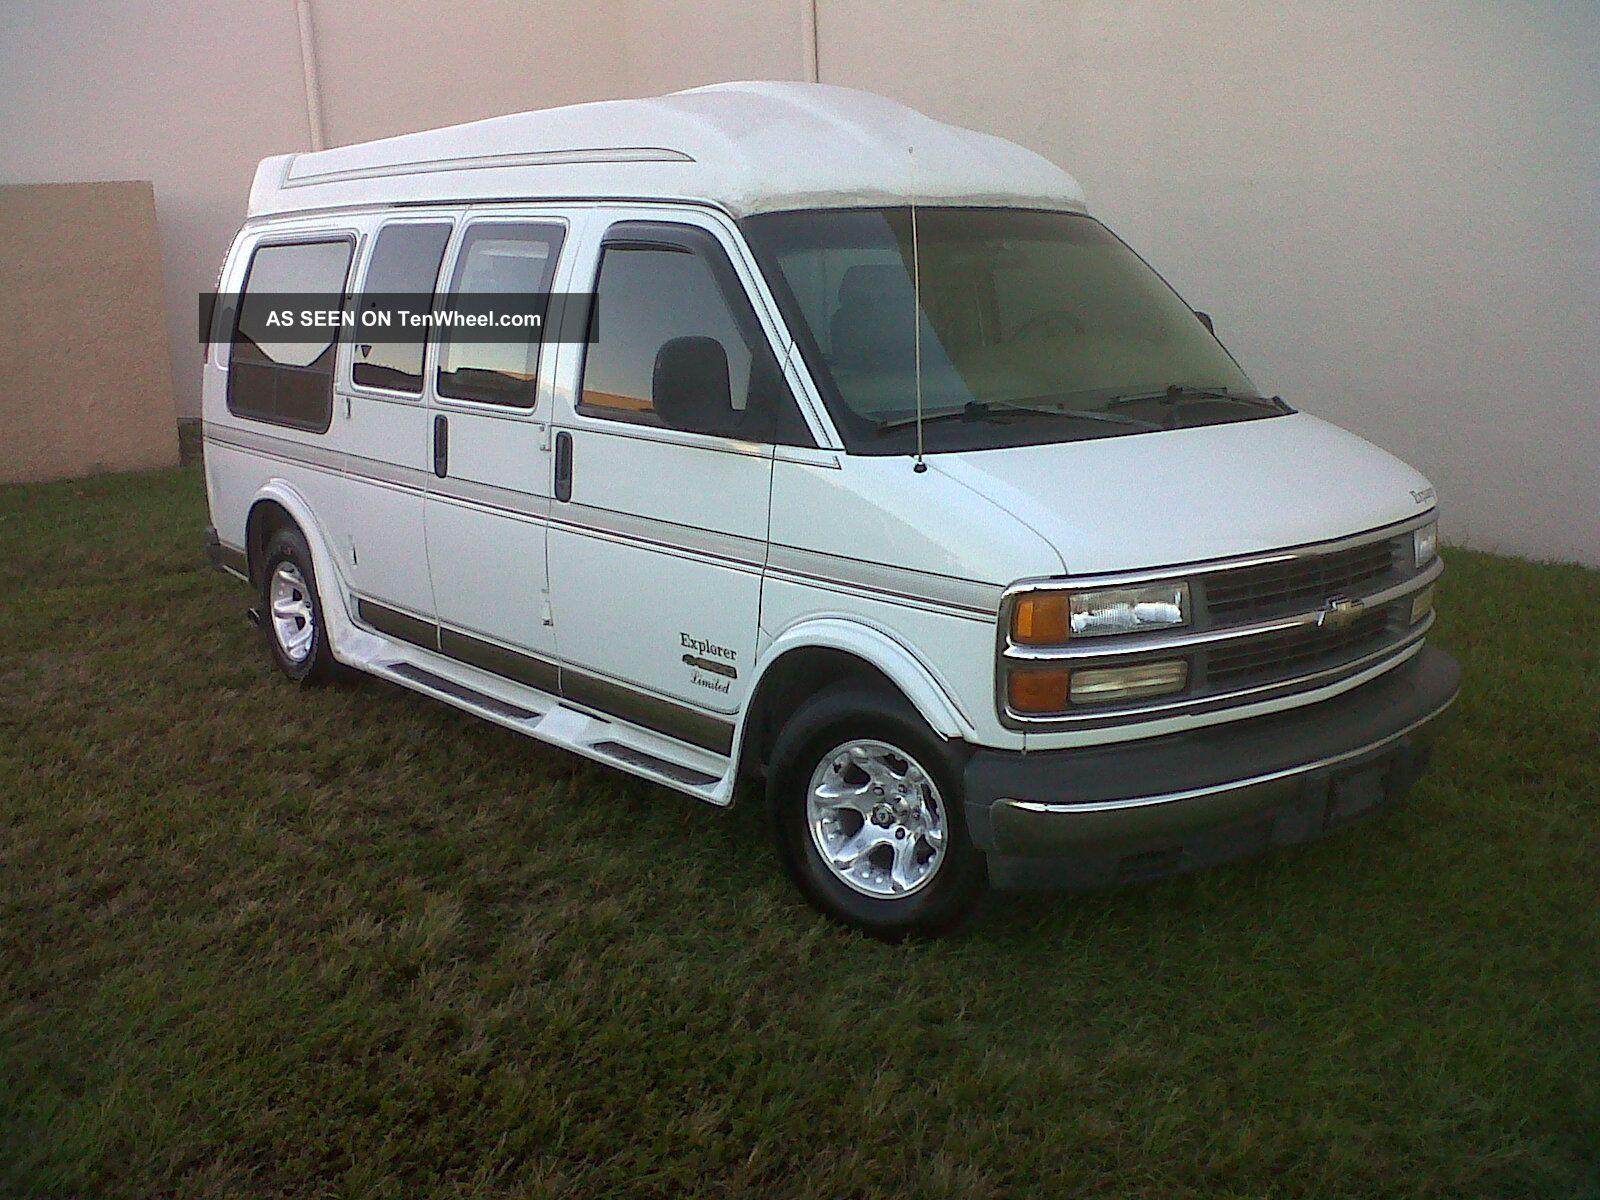 Chevrolet Van 1996 CHEVROLET SPORTVAN - Image #11